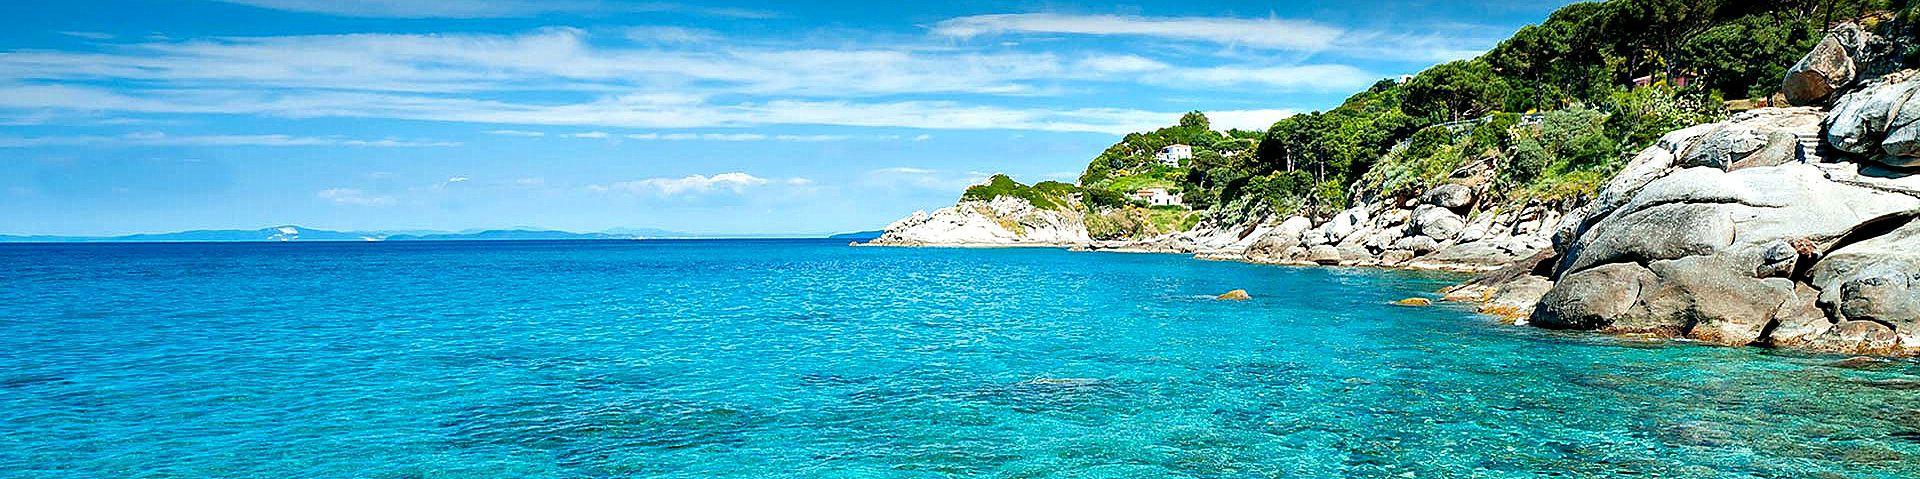 Záliv Biodola, skalnatá část mezi plážemi Della Lamaia a La Biodola